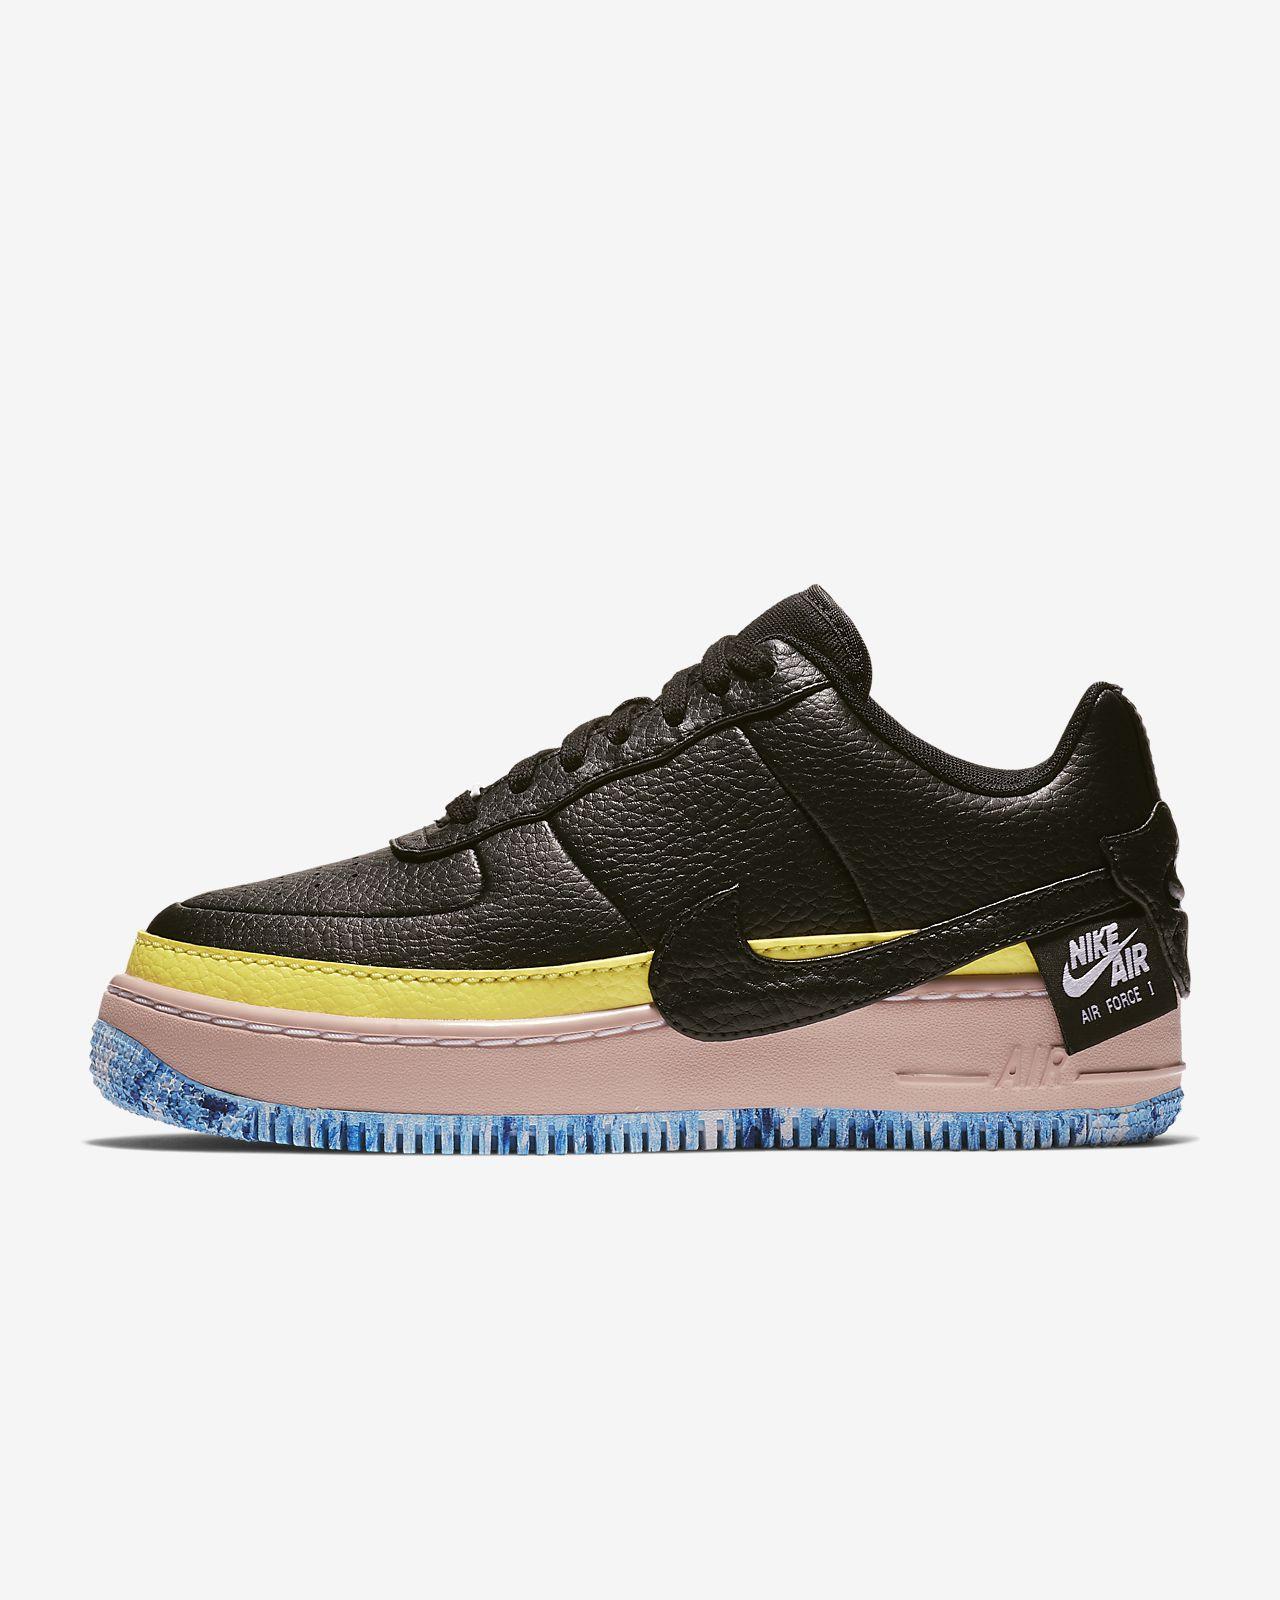 low priced 15cfe ffd4b Nike AF-1 Jester XX SE